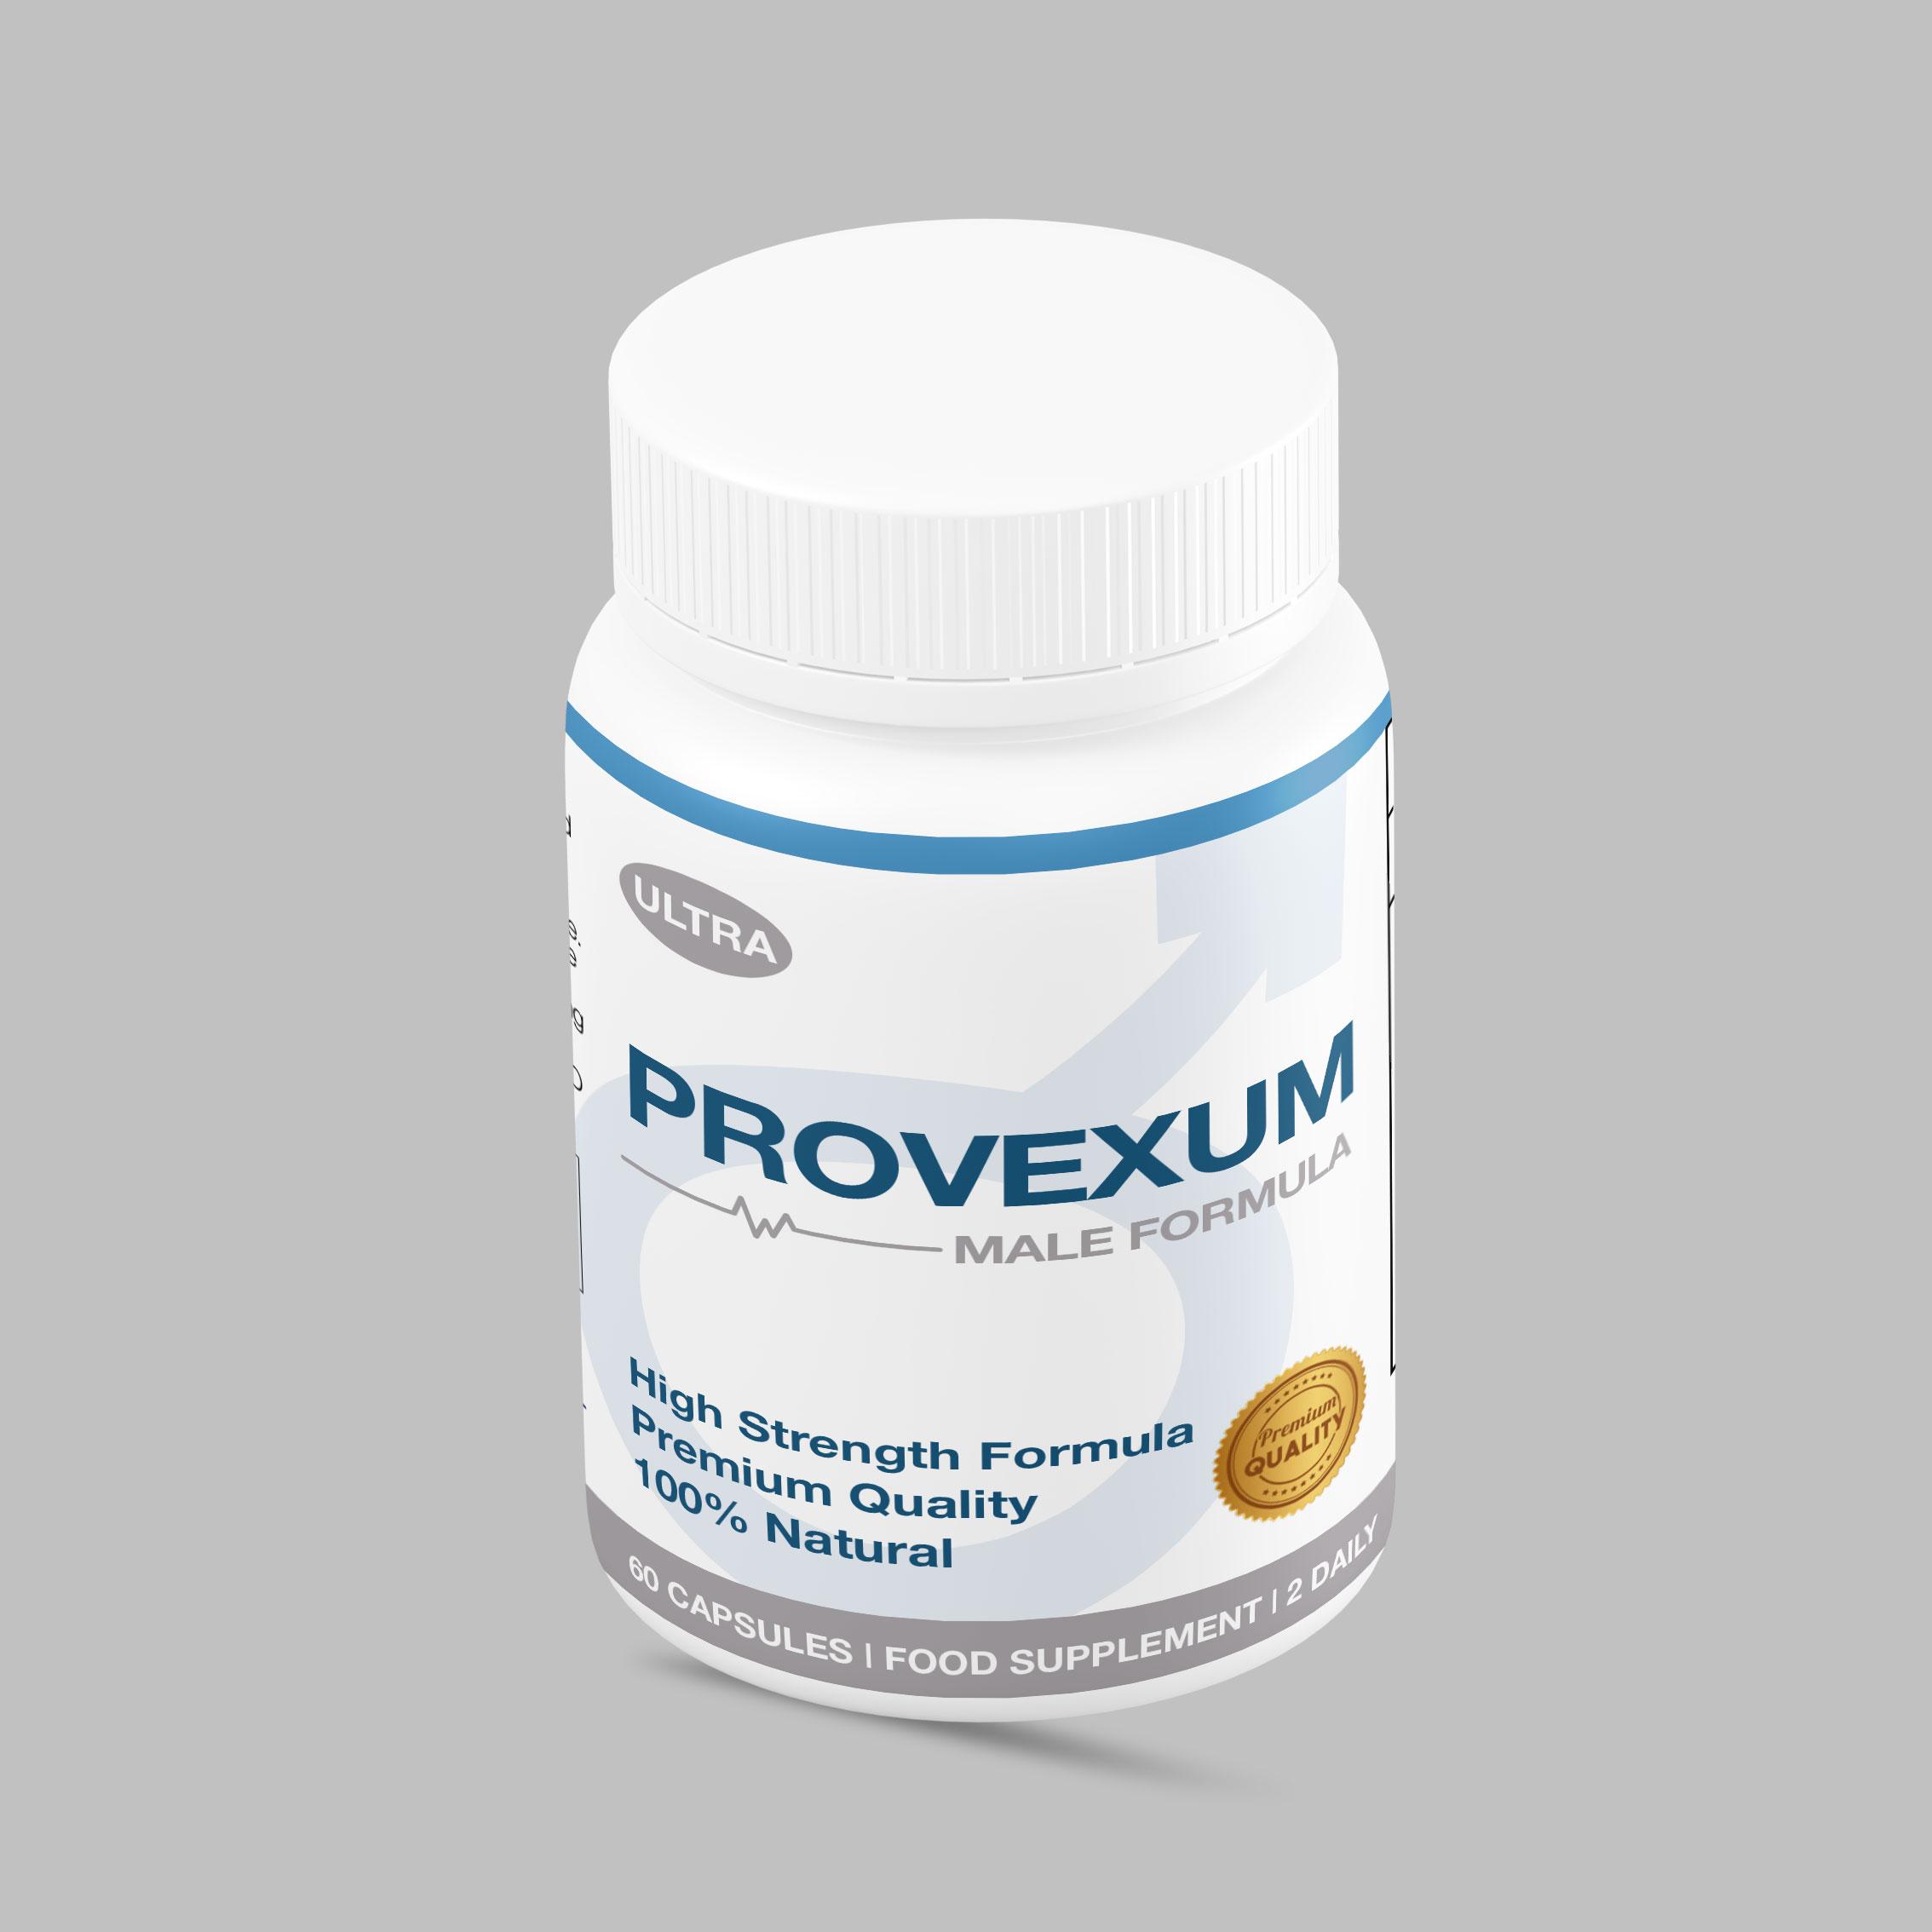 Provexum Male Formula